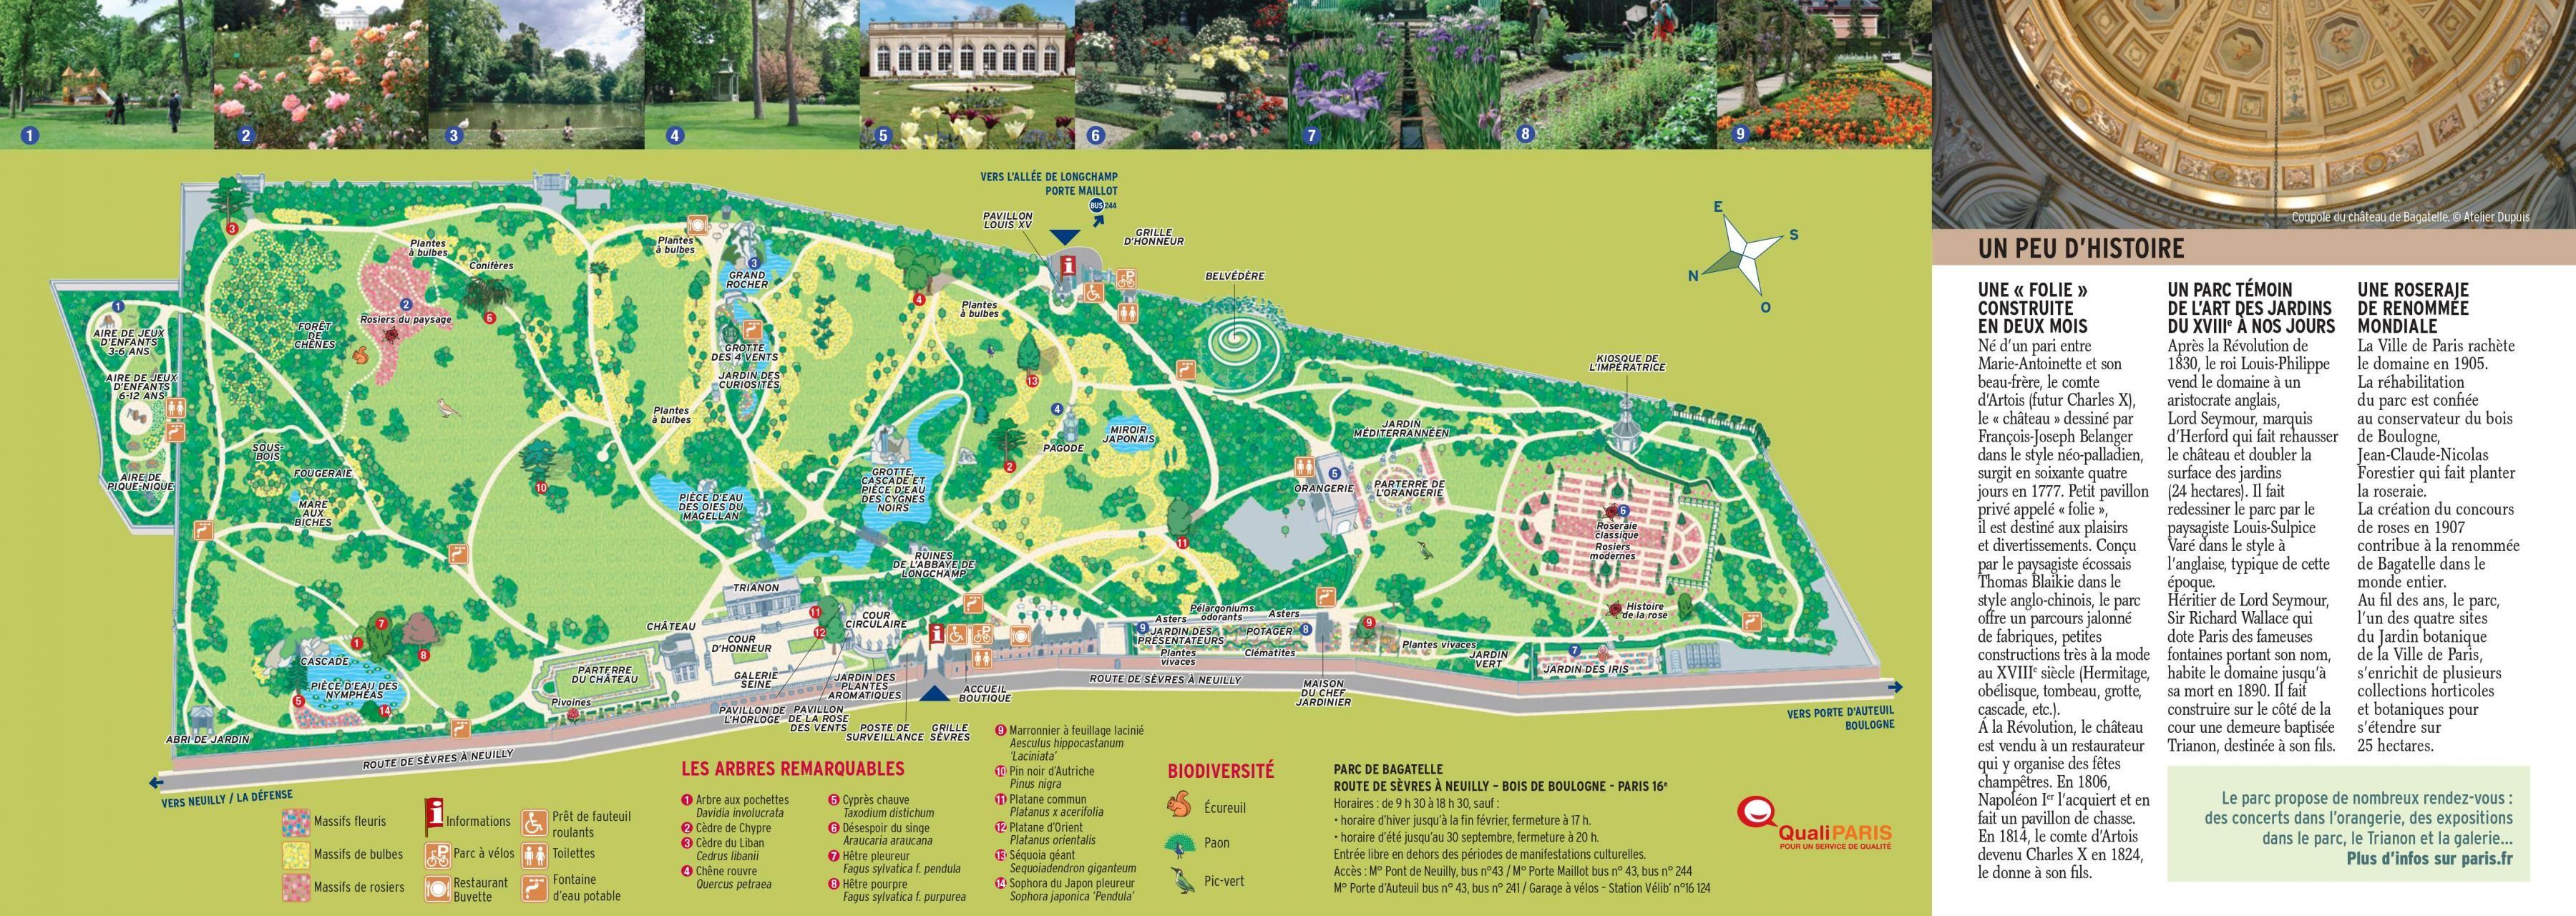 Washington Dc Popout Map%0A The Parc de Bagatelle map  Map of The Parc de Bagatelle  France